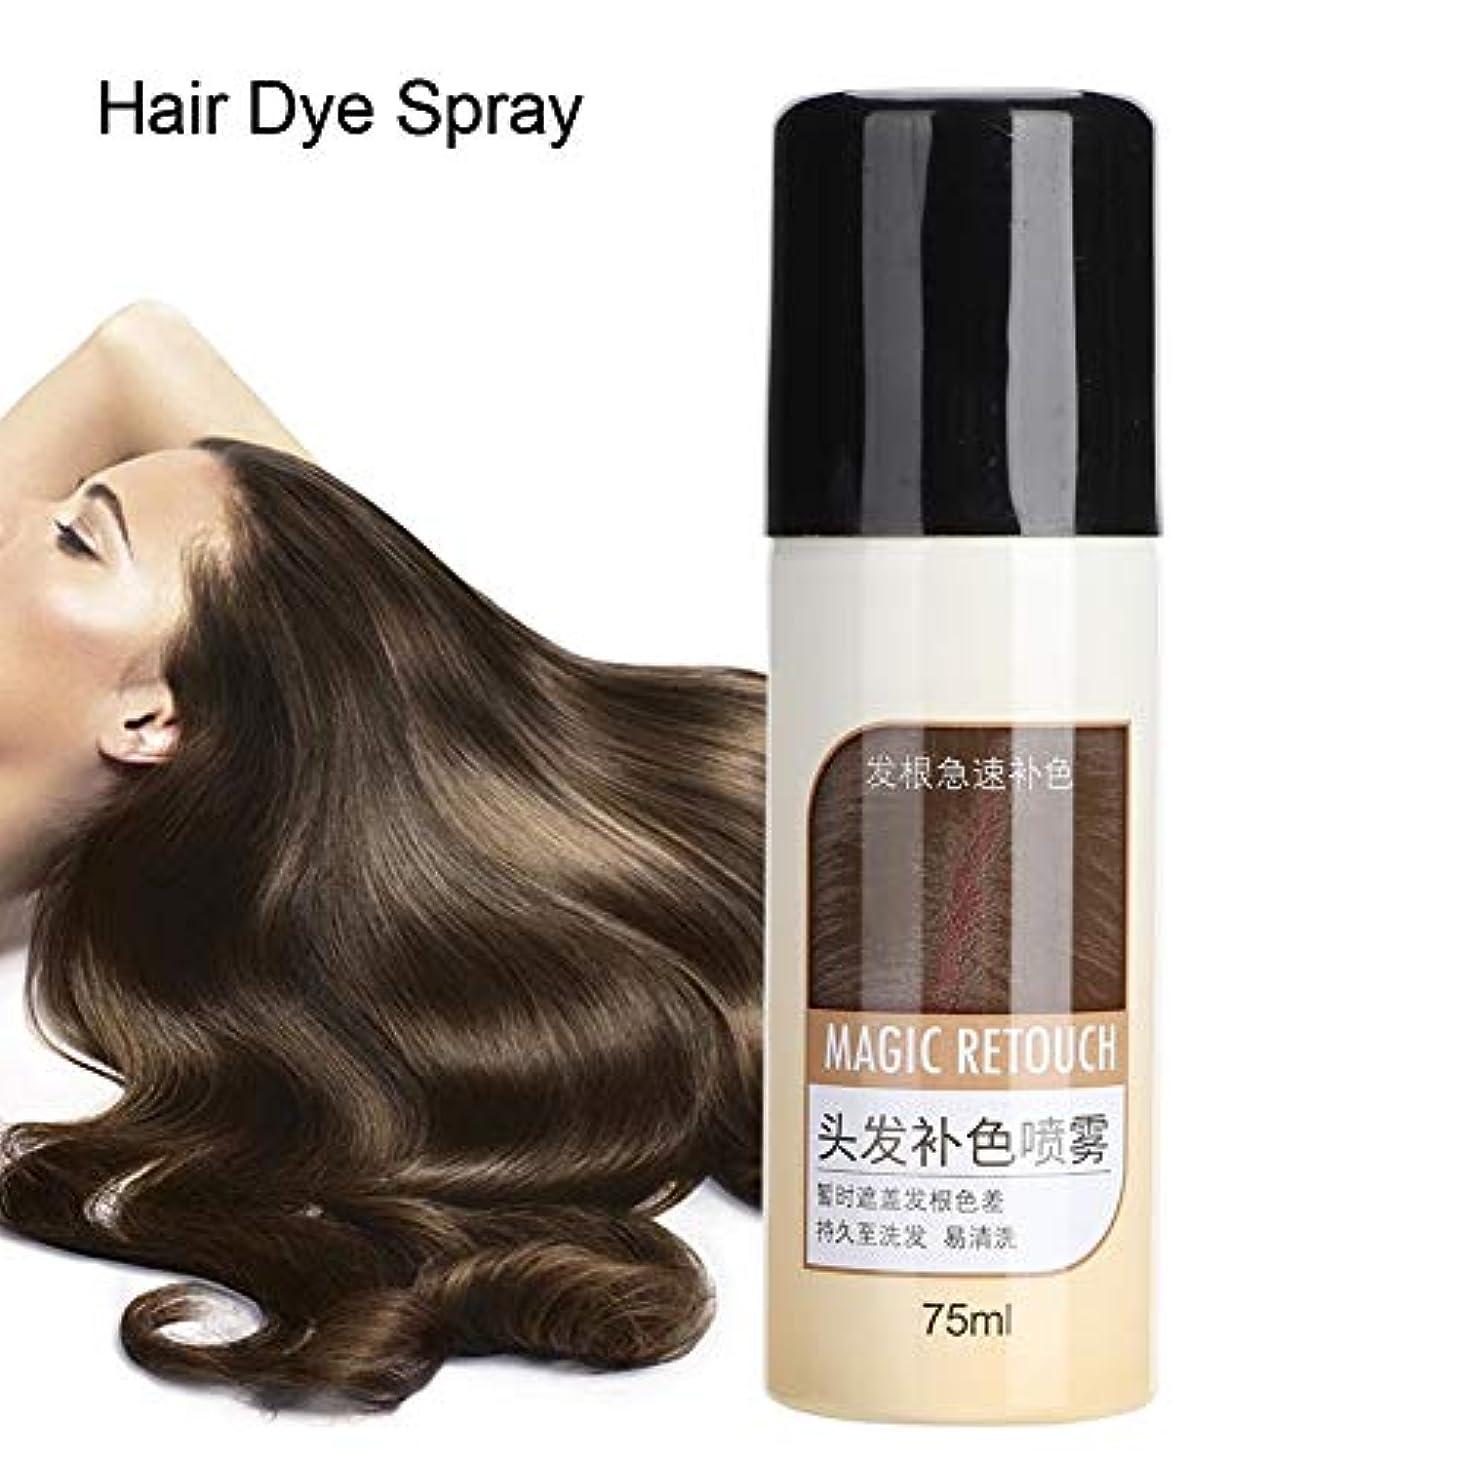 キャプチャーなめるシェーバーヘアダイ、べたつかないマットヘアスタイル栄養補給用洗えるスプレーカバー白髪用長続きするカラー染料750ml (#1)